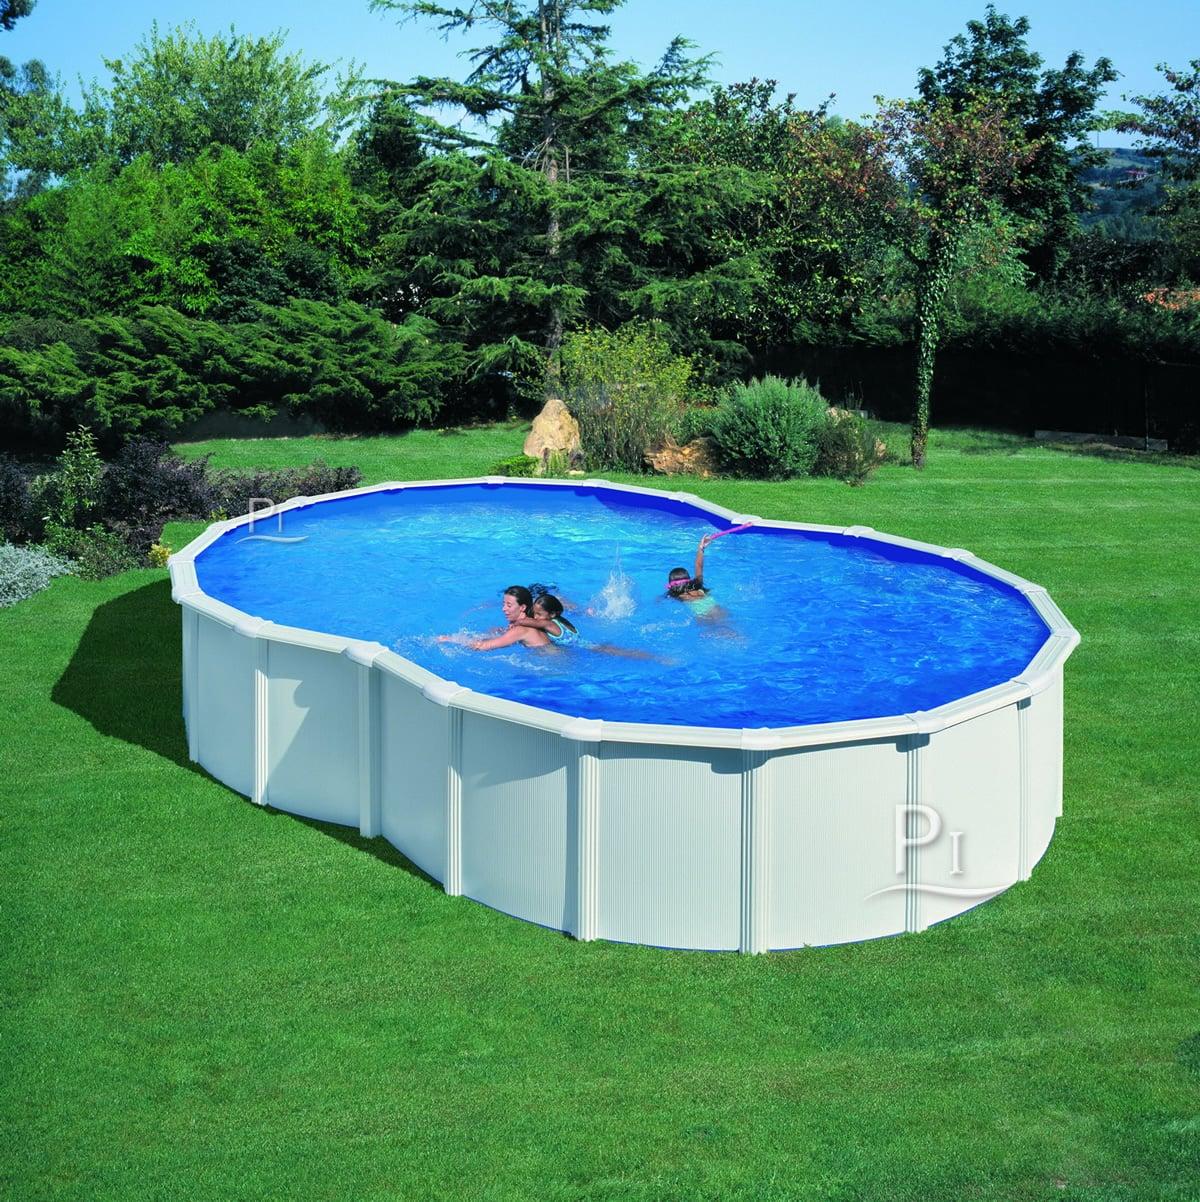 Piscine Interrate Prezzi Tutto Compreso piscina fuori terra gre in acciaio varadero 500 - piscine italia